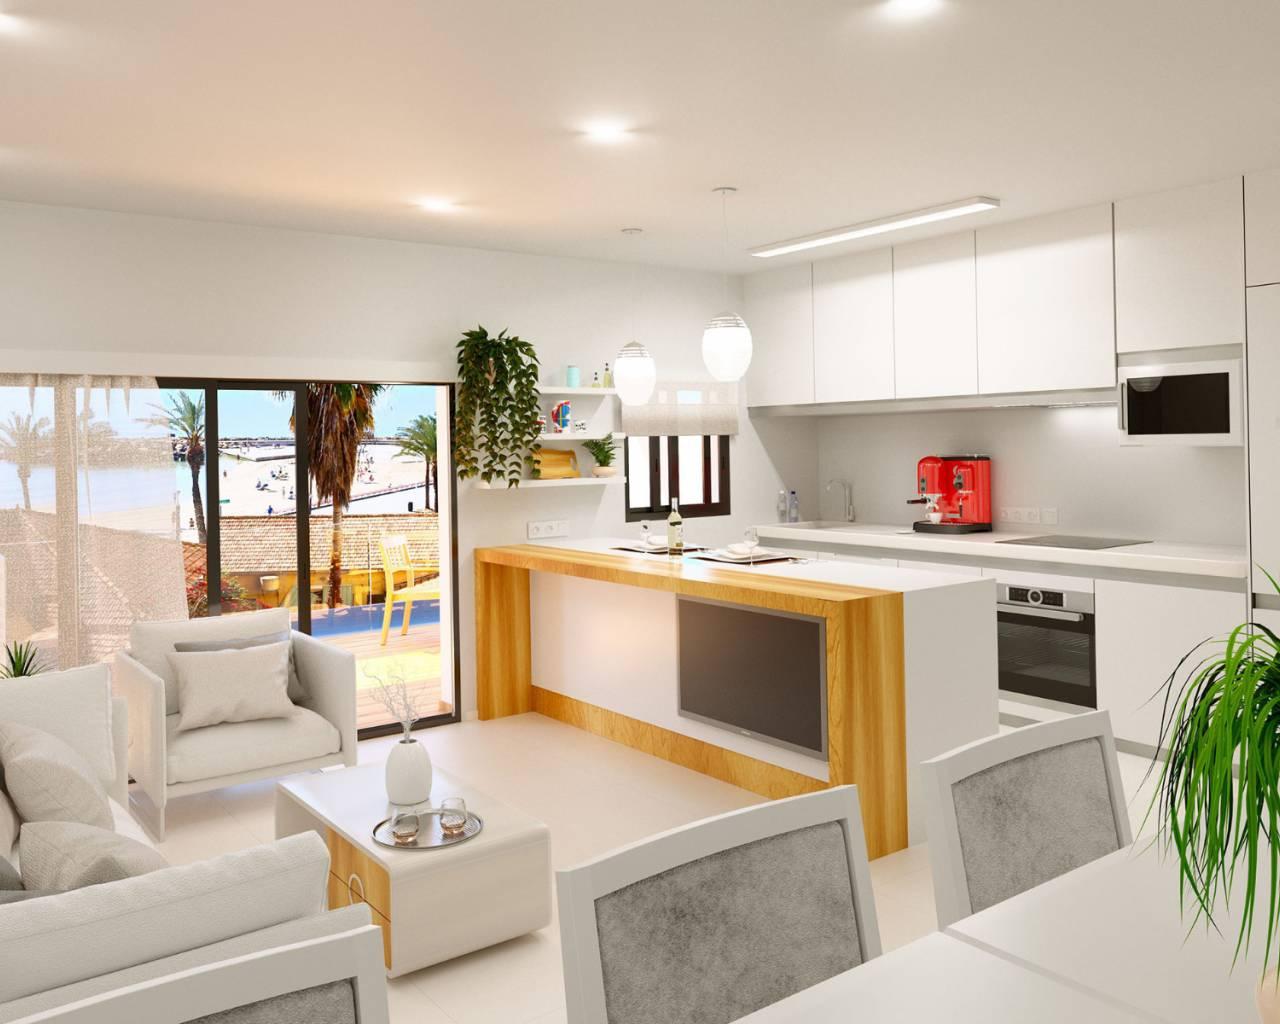 nieuwbouw-appartement-torrevieja-playa-del-cura_2514_xl